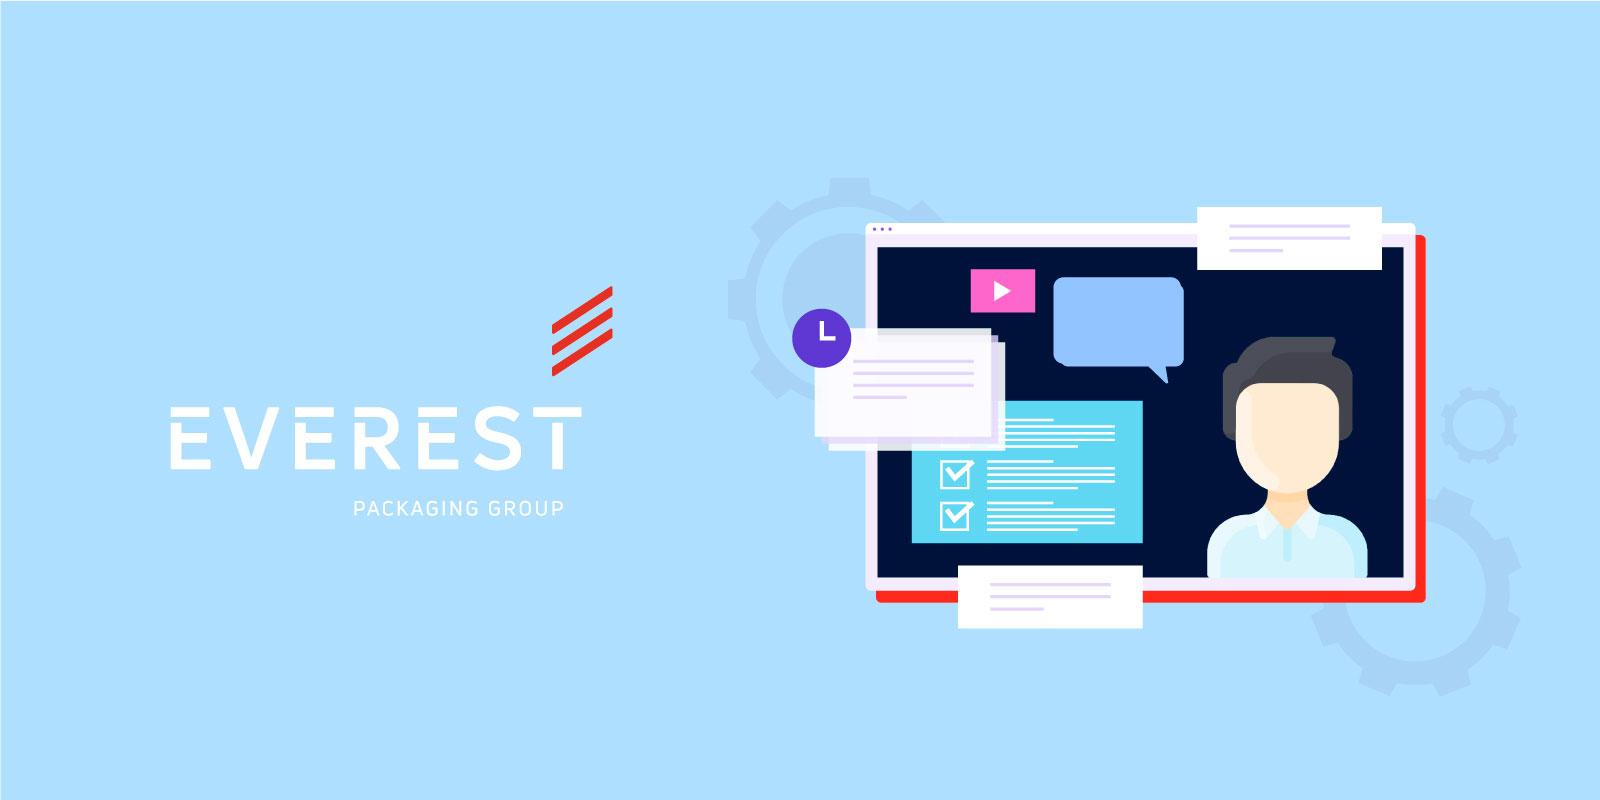 Everest Packaging HubSpot Onboarding